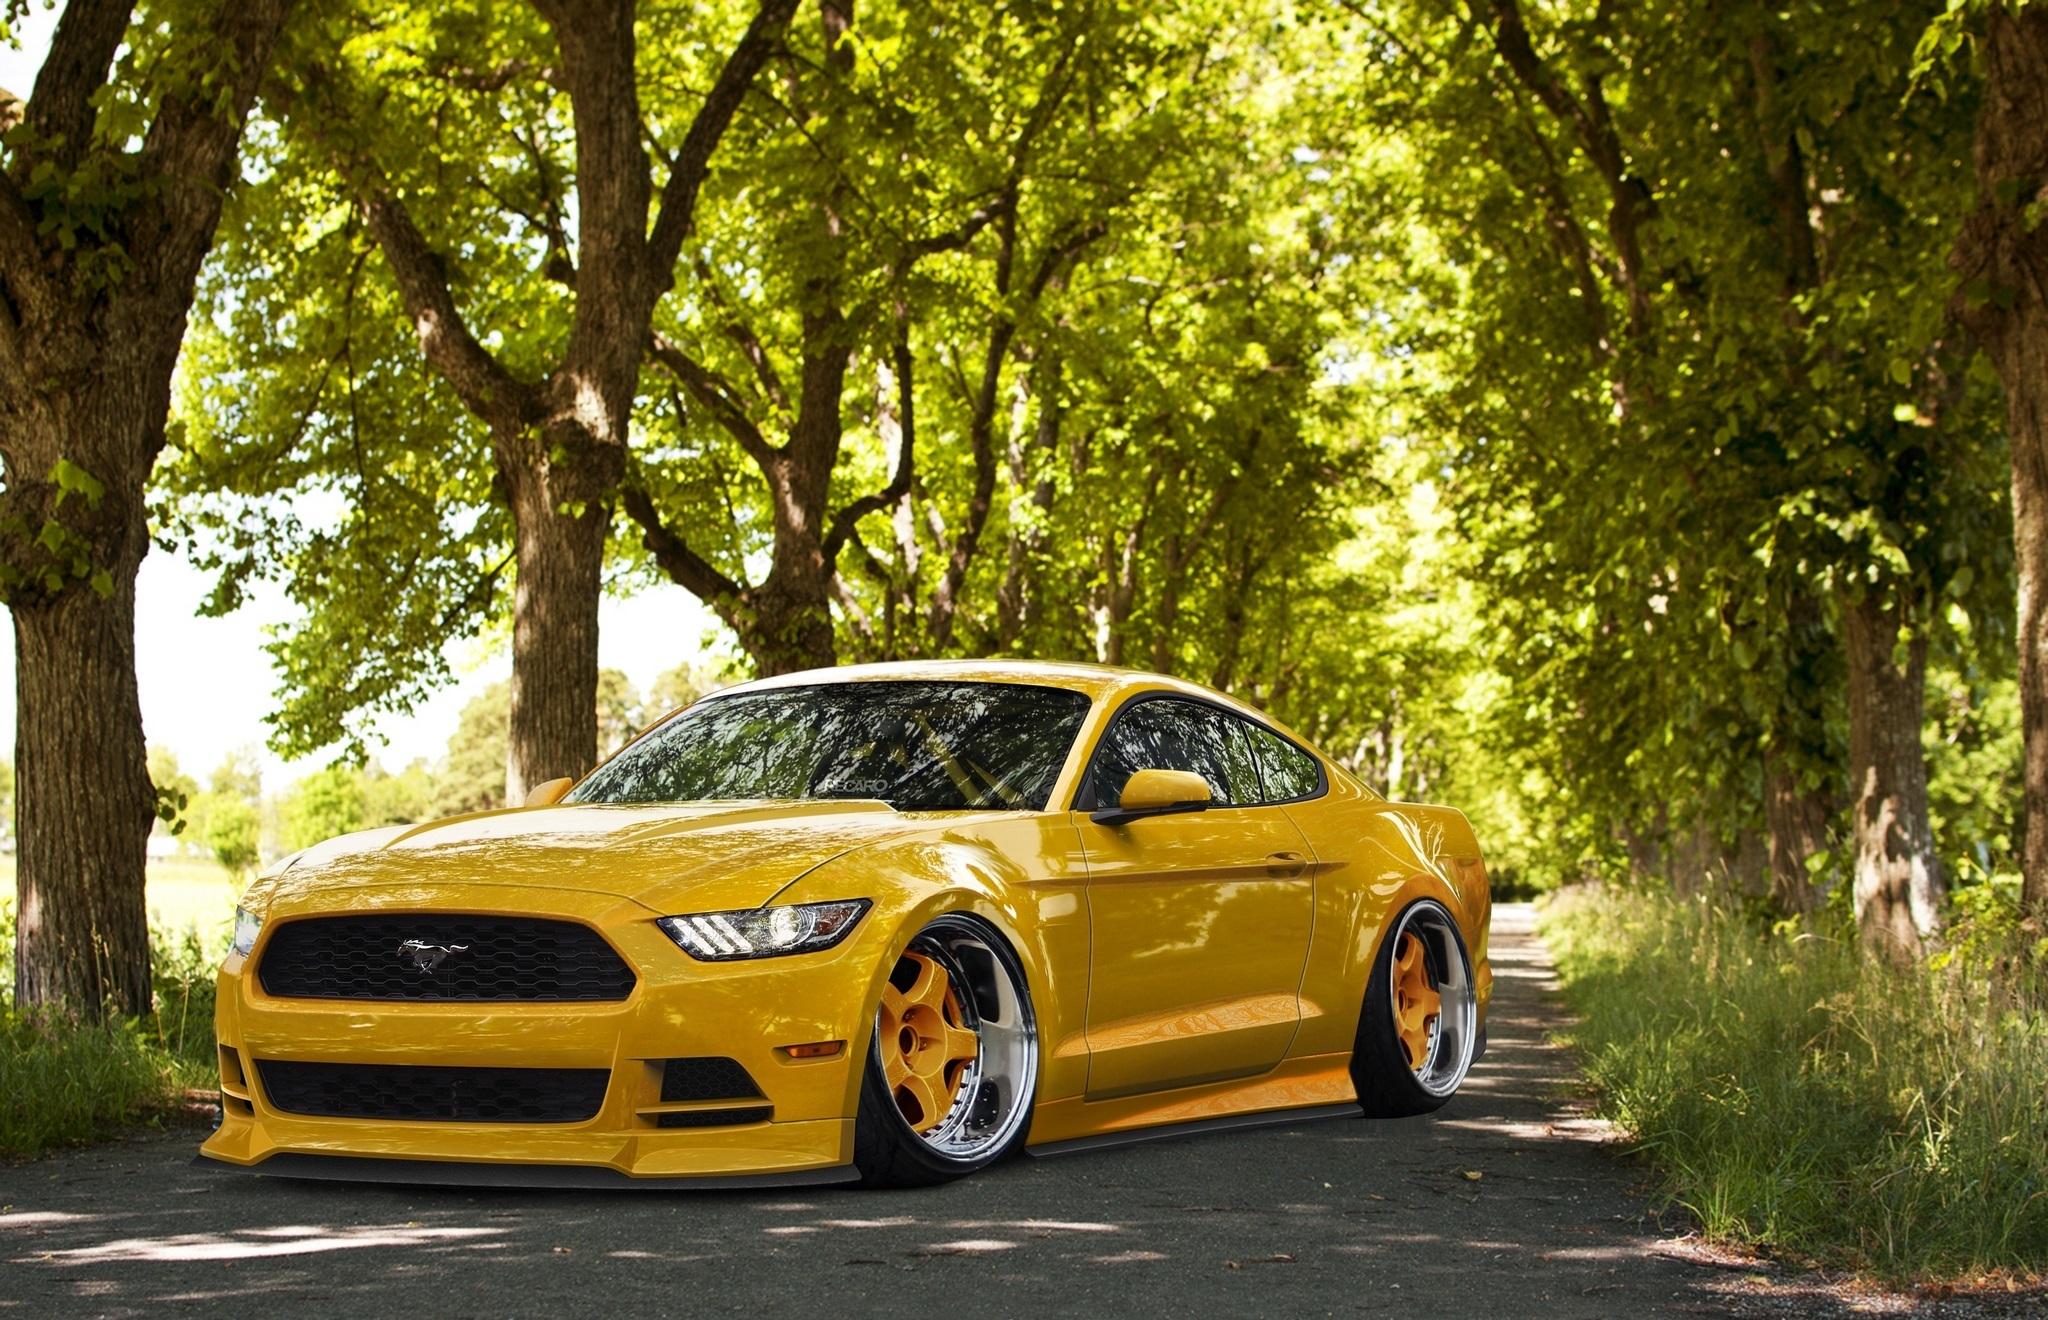 Ford F650 Wallpaper >> Yellow 2015 Mustang Wallpaper - WallpaperSafari